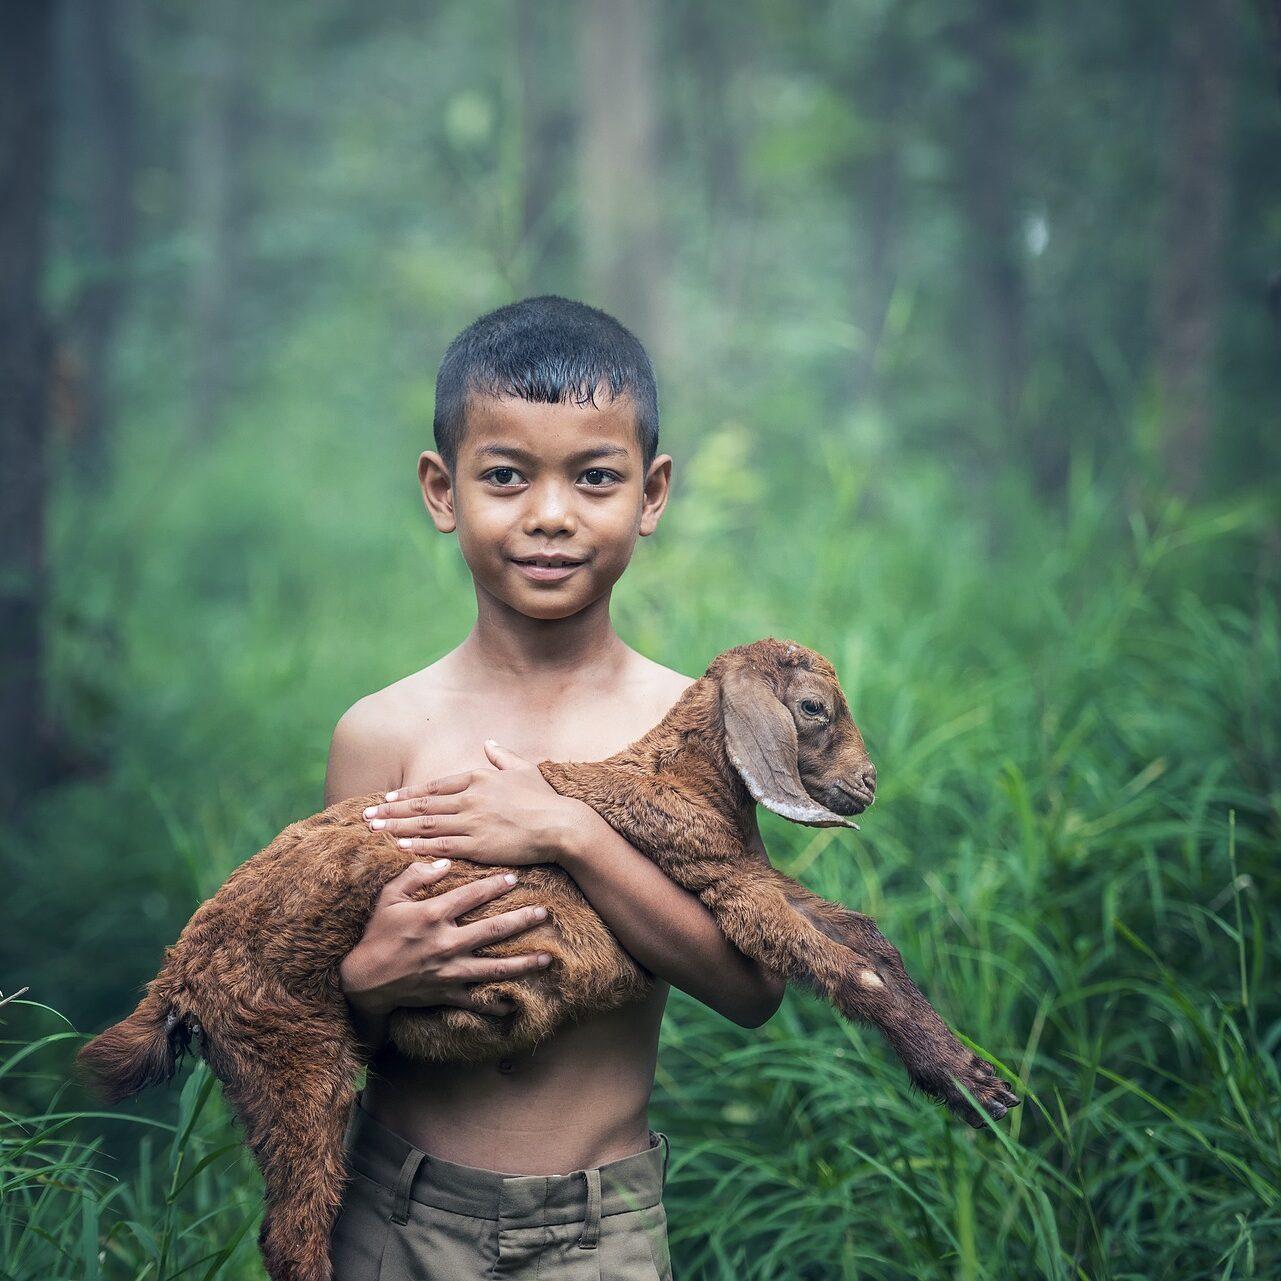 boy-and-lamb